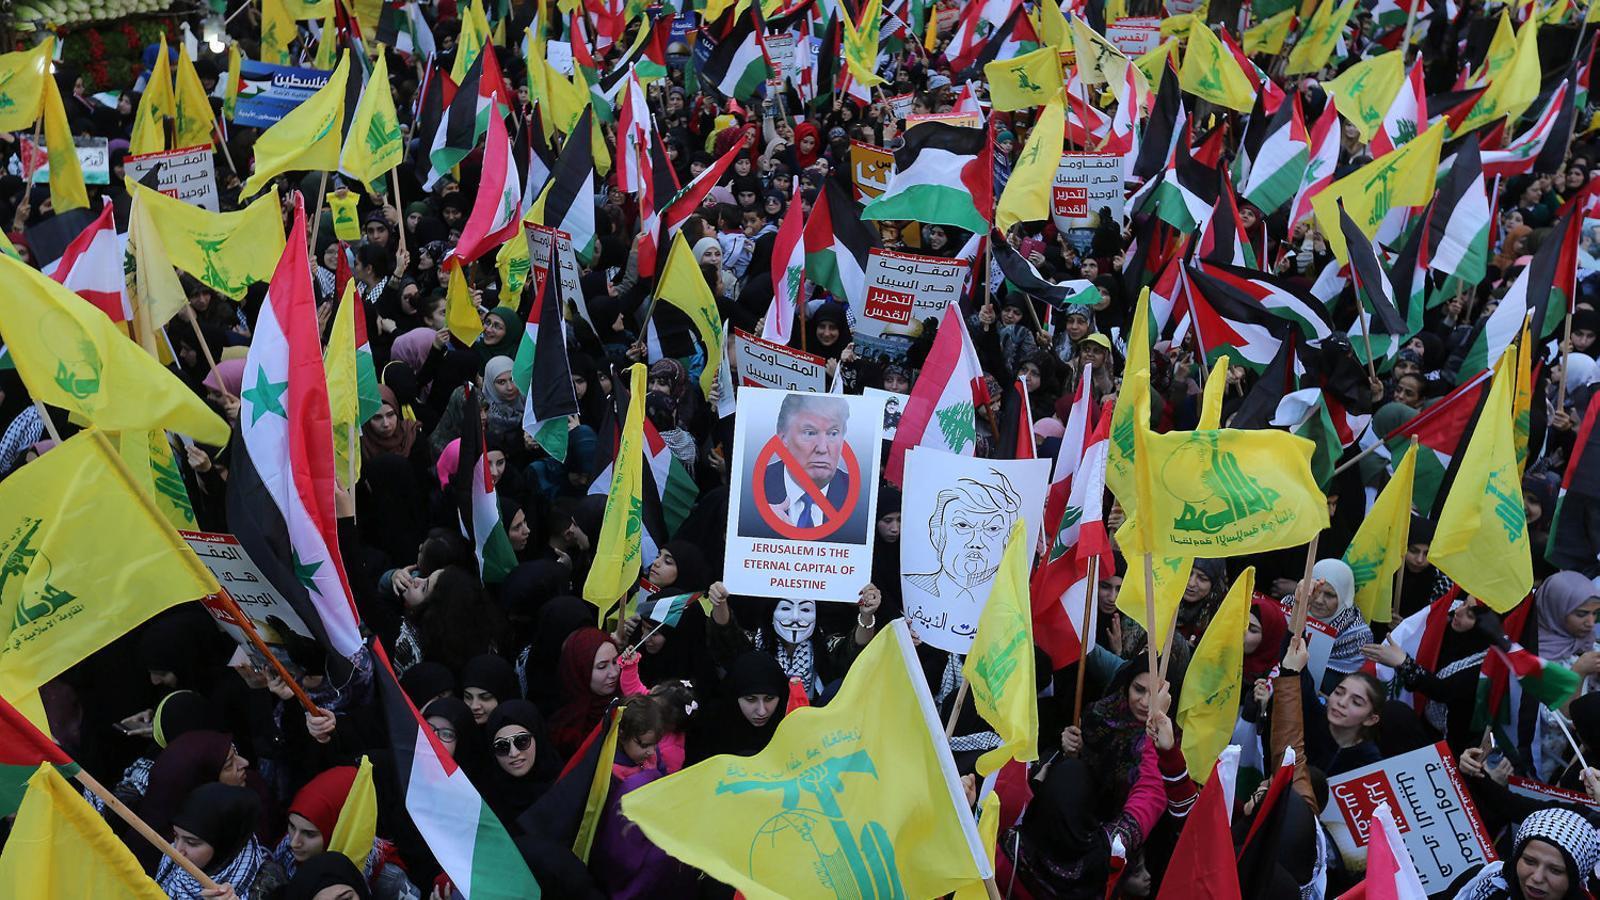 Desenes de milers de persones van sortir ahir als carrers del sud de Beirut, en el feu de Hezbol·lah, en suport als palestins.